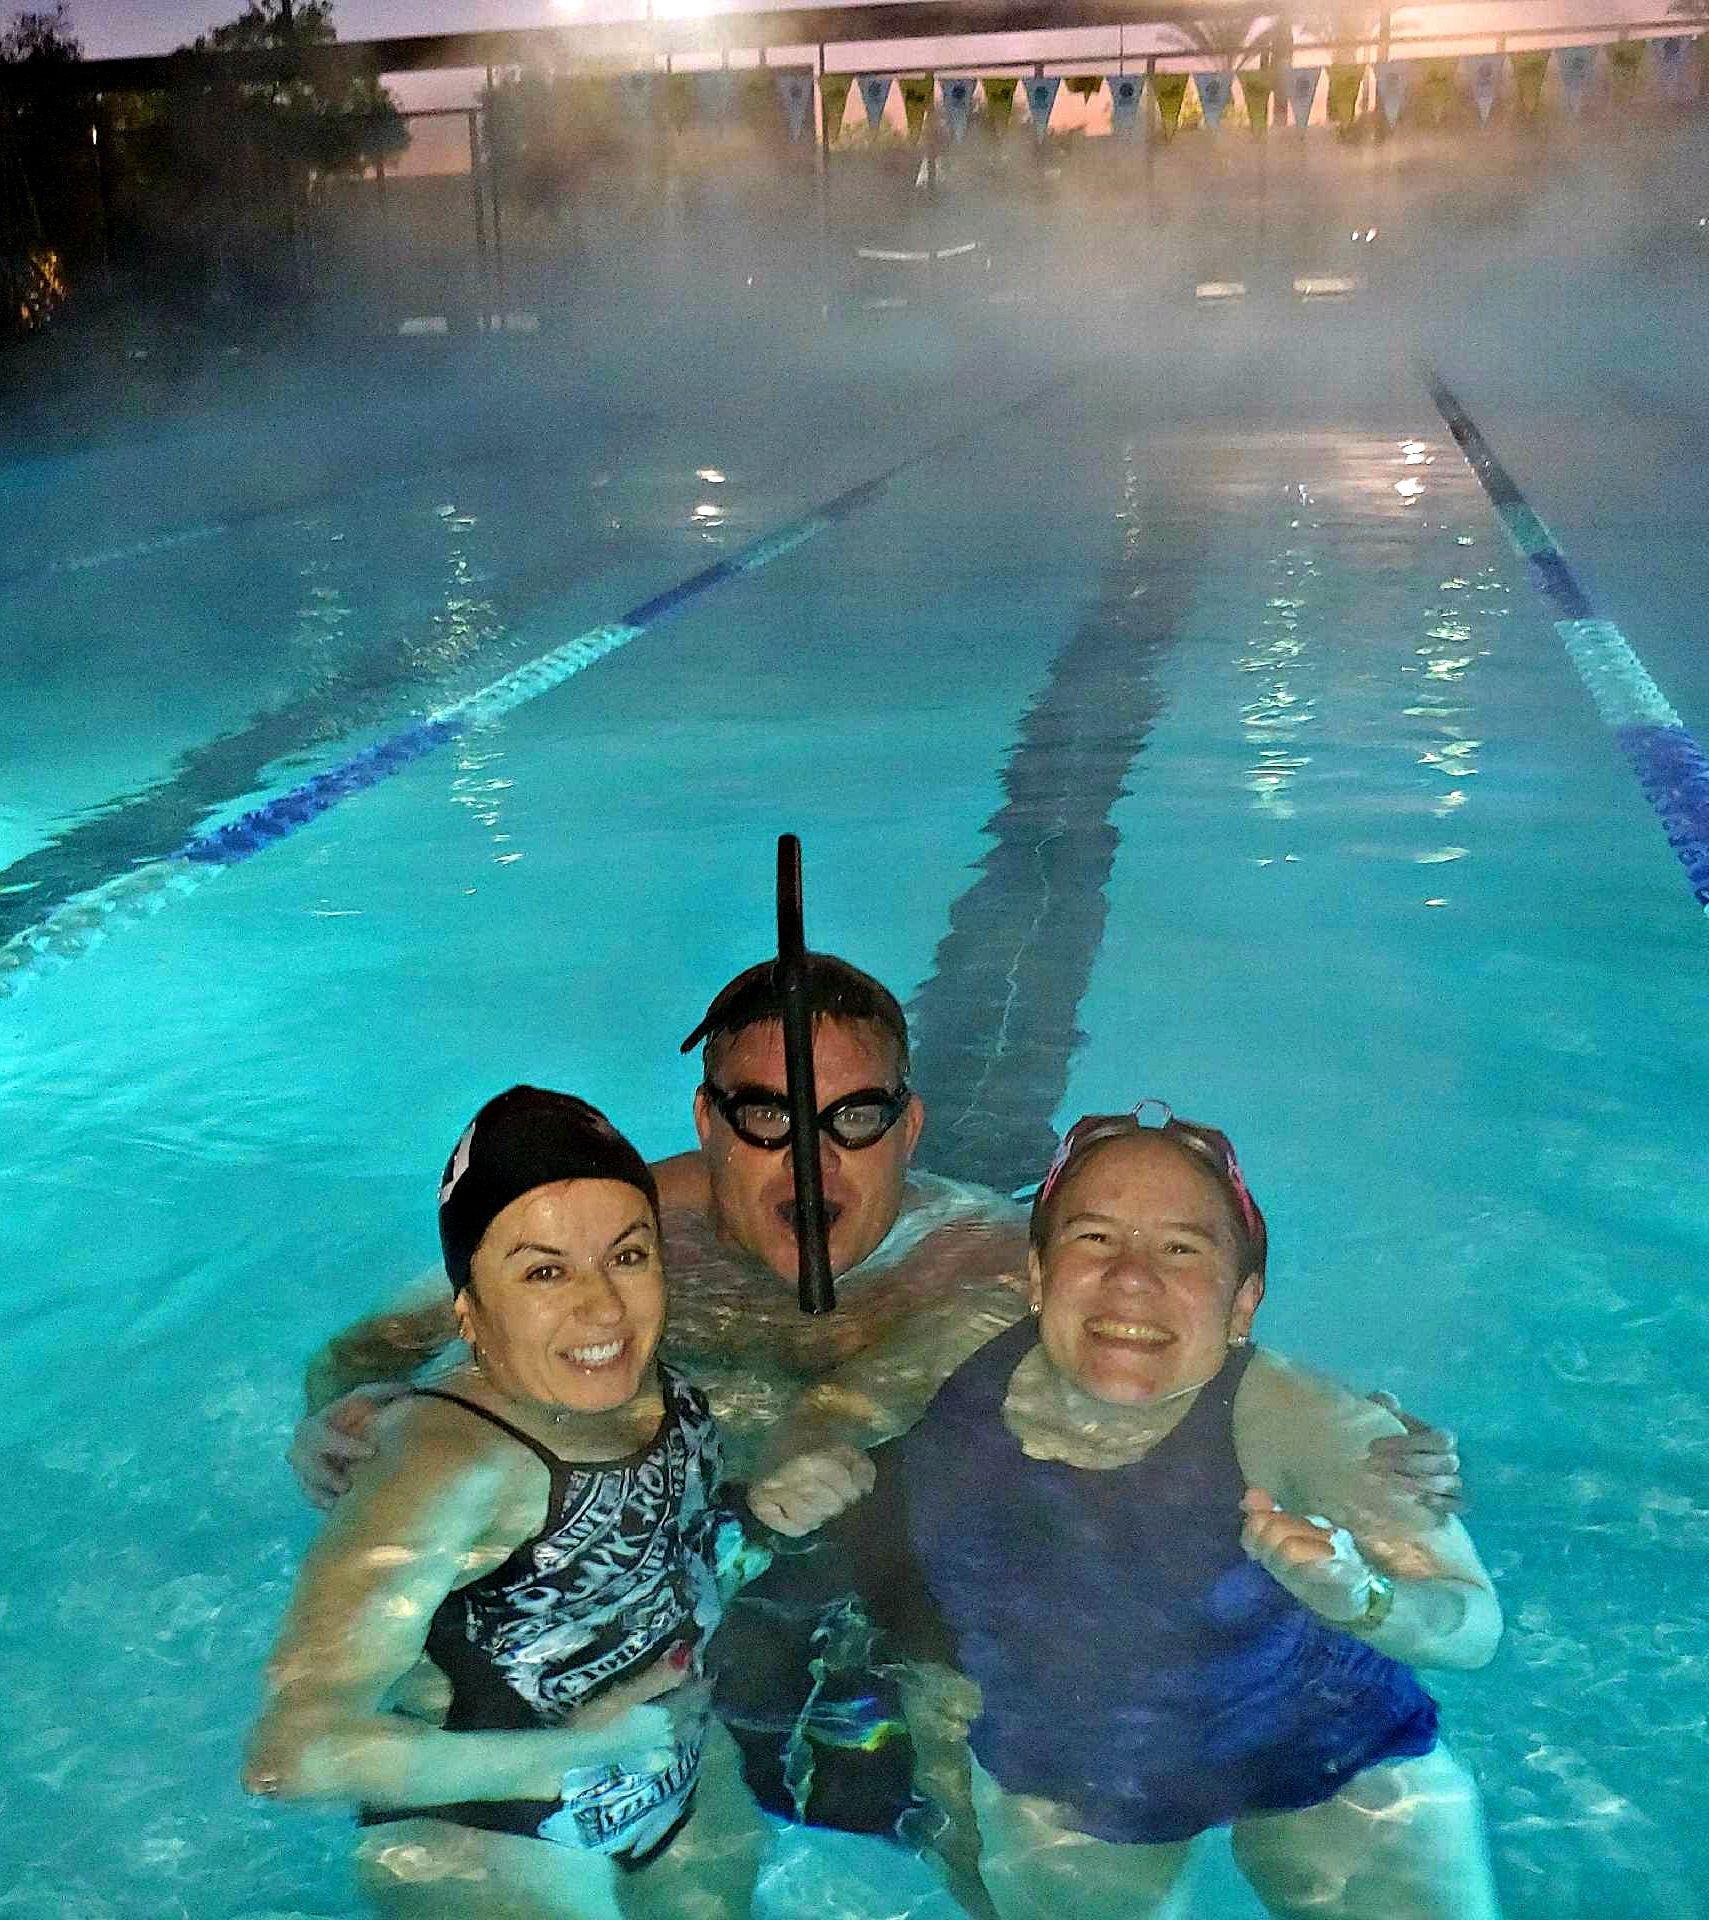 Cold morning swim in a heated pool heatedpool swimming